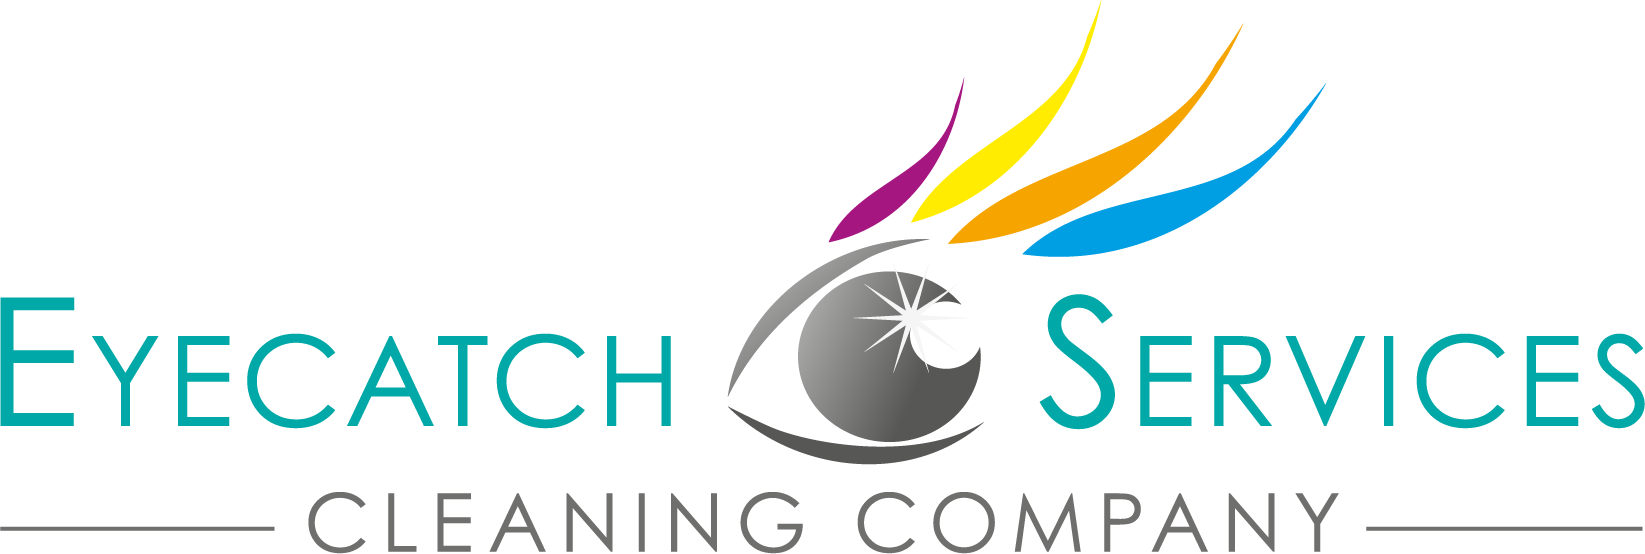 Eyecatch-Services